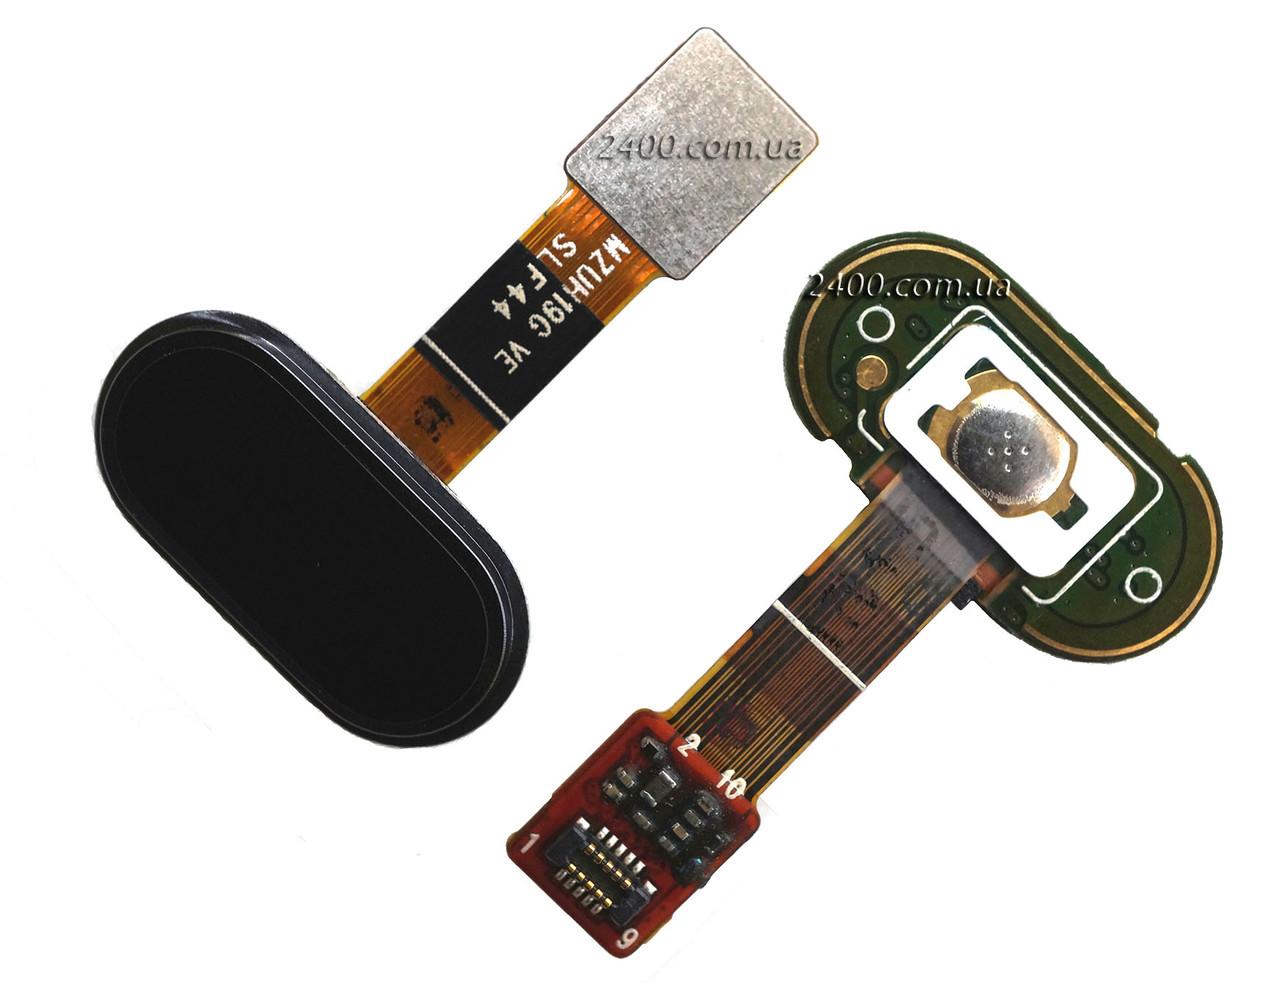 Cенсорная кнопка для смартфона Meizu M5s черная, кнопка меню мейзу м5с